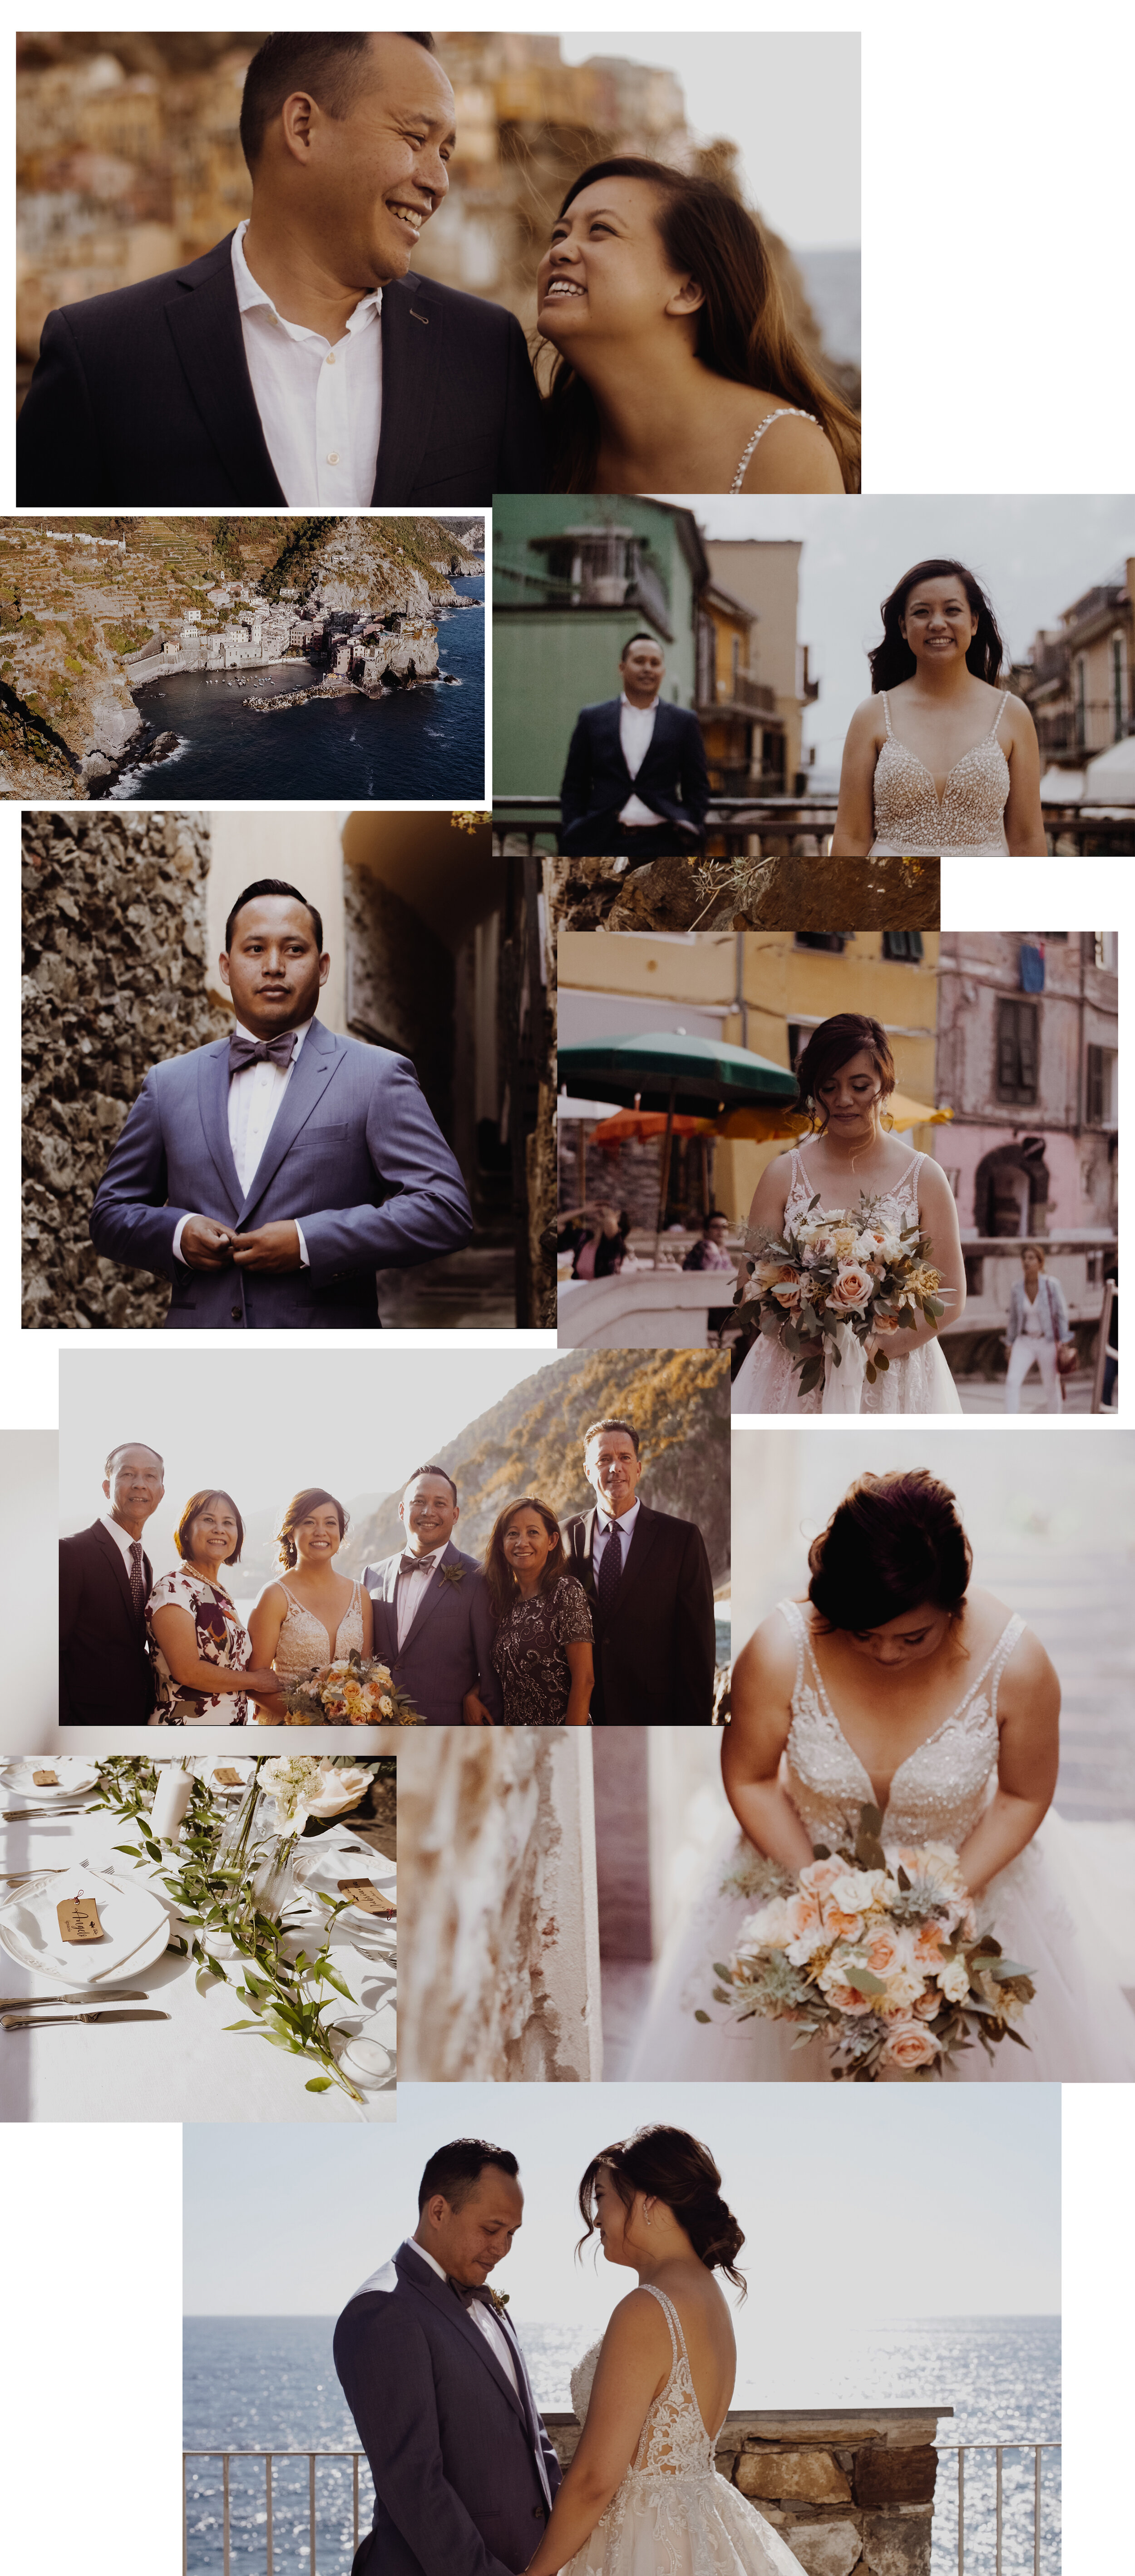 queena + darren collage.jpg